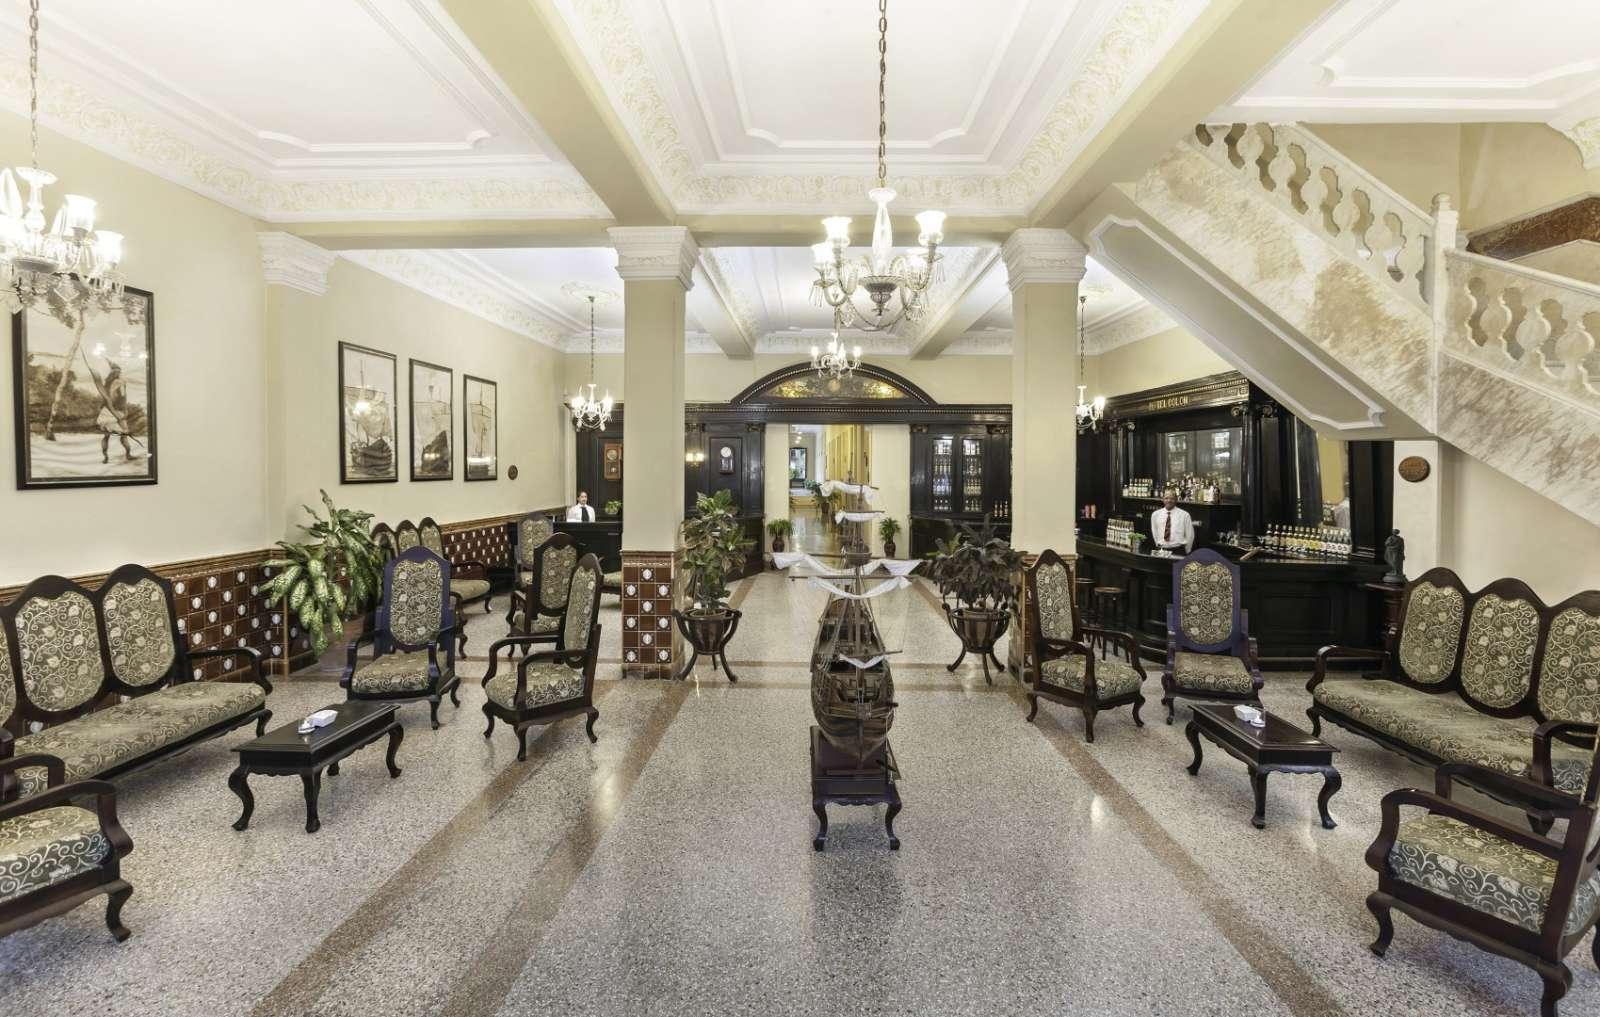 Lobby of Melia Colon in Camaguey